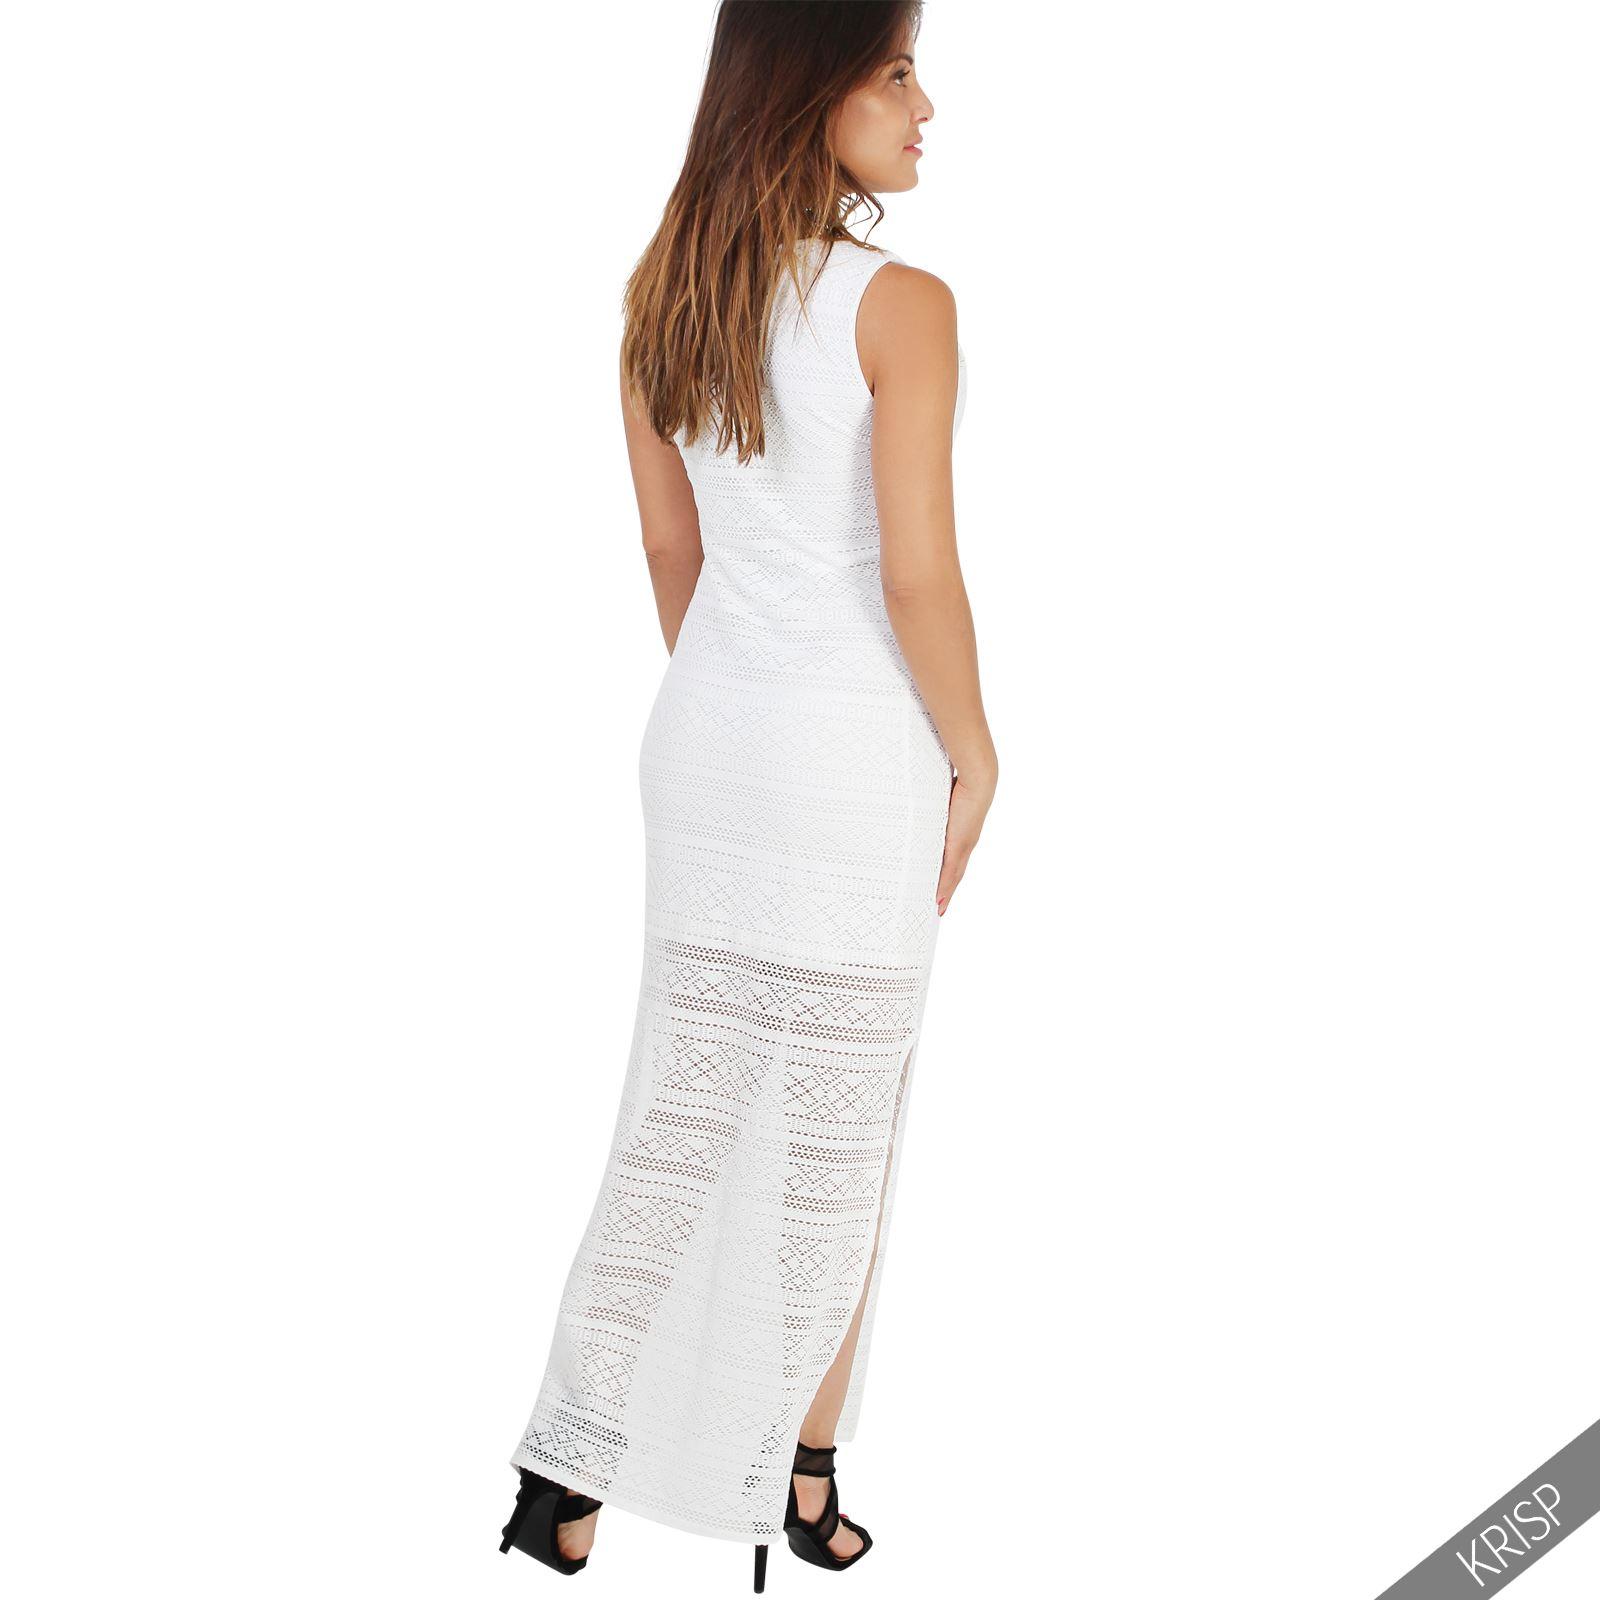 femme robe longue crochet fentes transparente basique nouvelle saison et. Black Bedroom Furniture Sets. Home Design Ideas